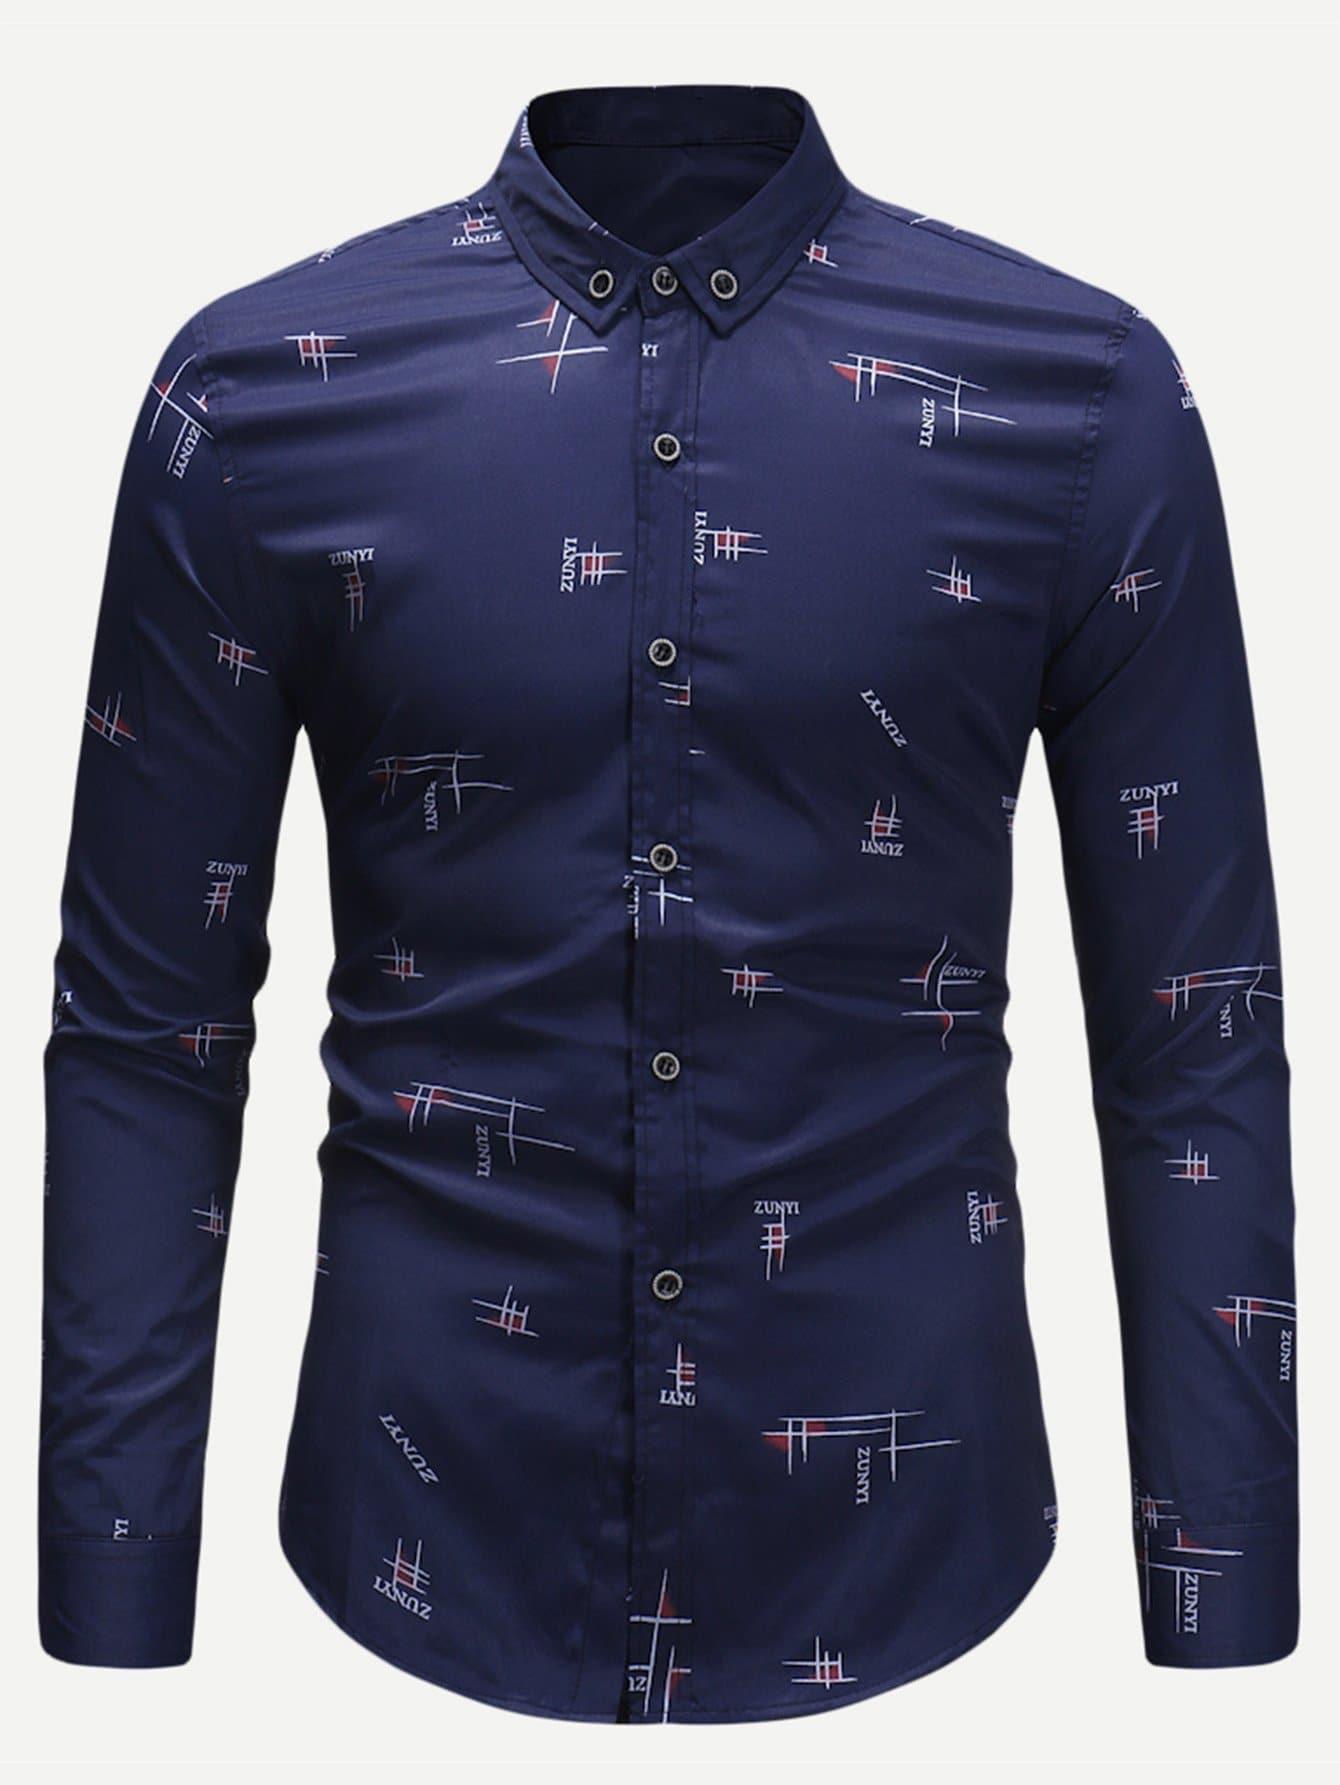 Купить Мужская футболка с принтом букв и геометрических фигур, null, SheIn